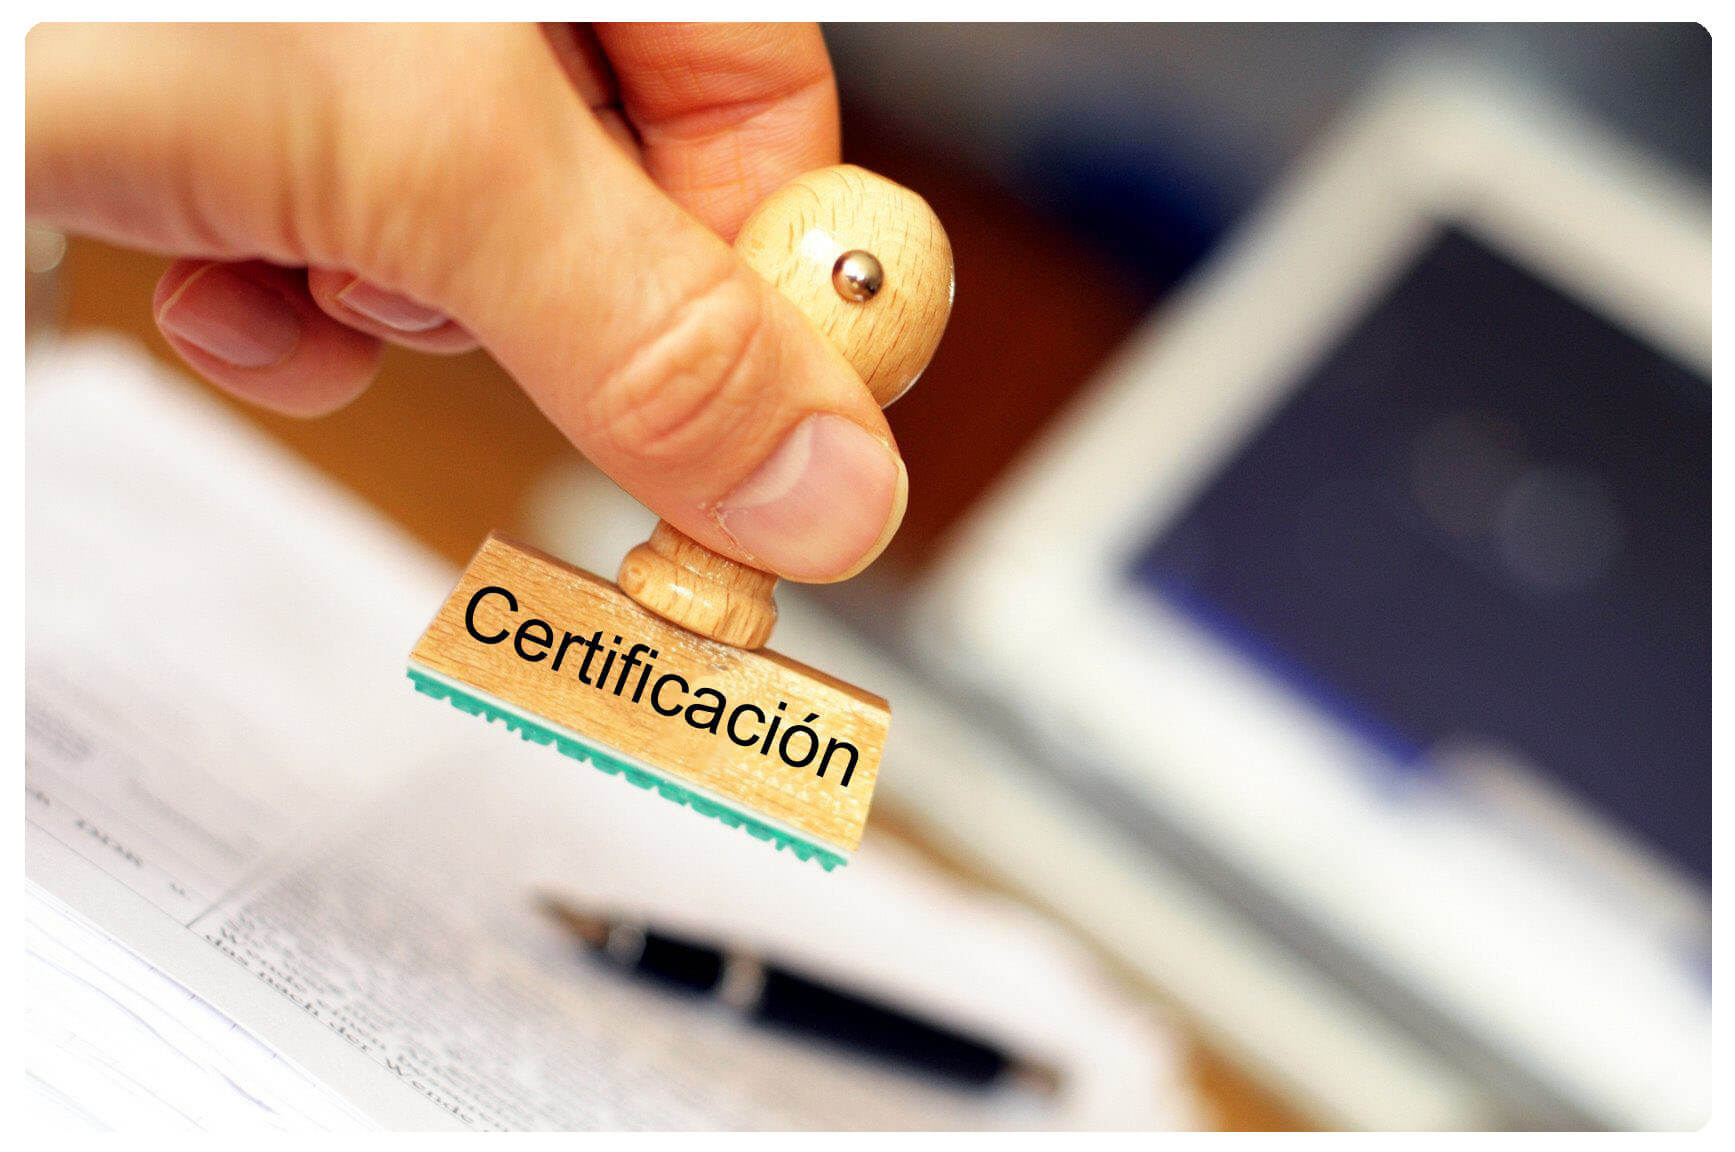 certificacion